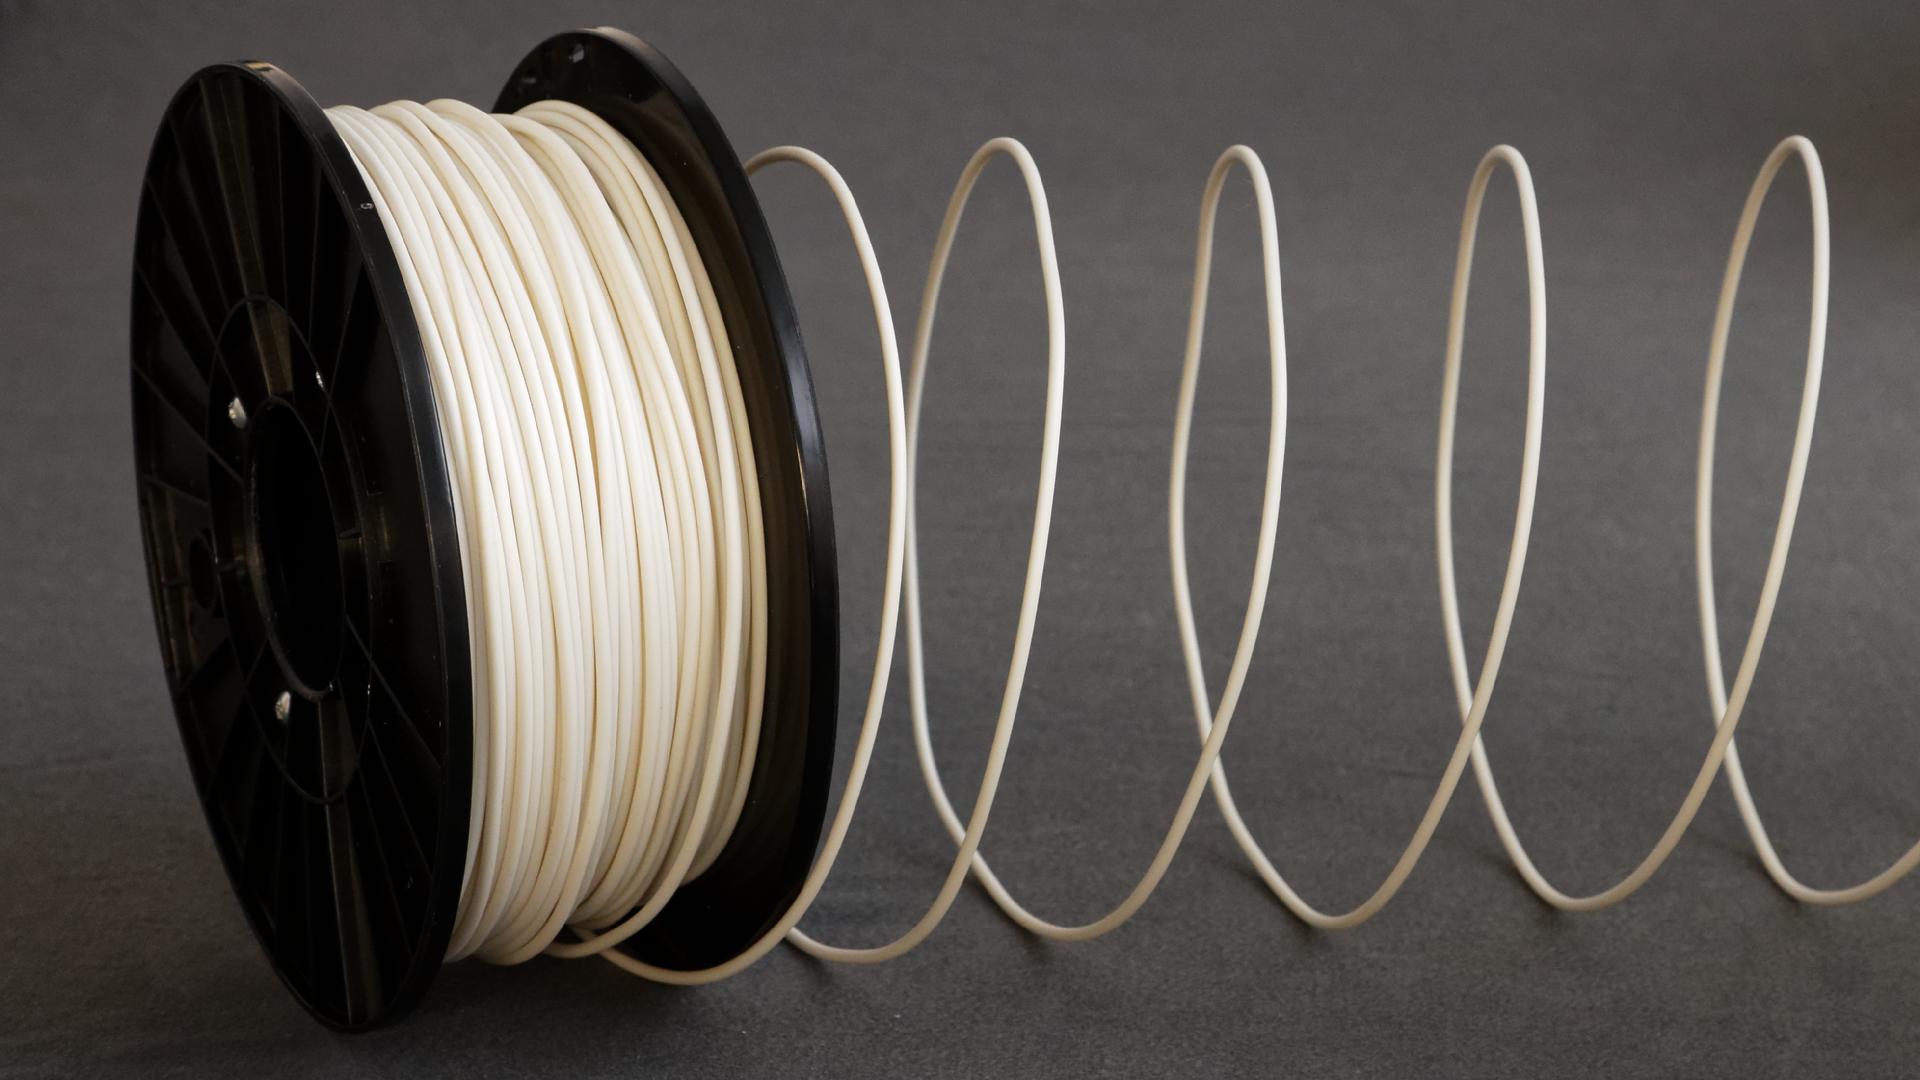 Spool of A1 Filament.